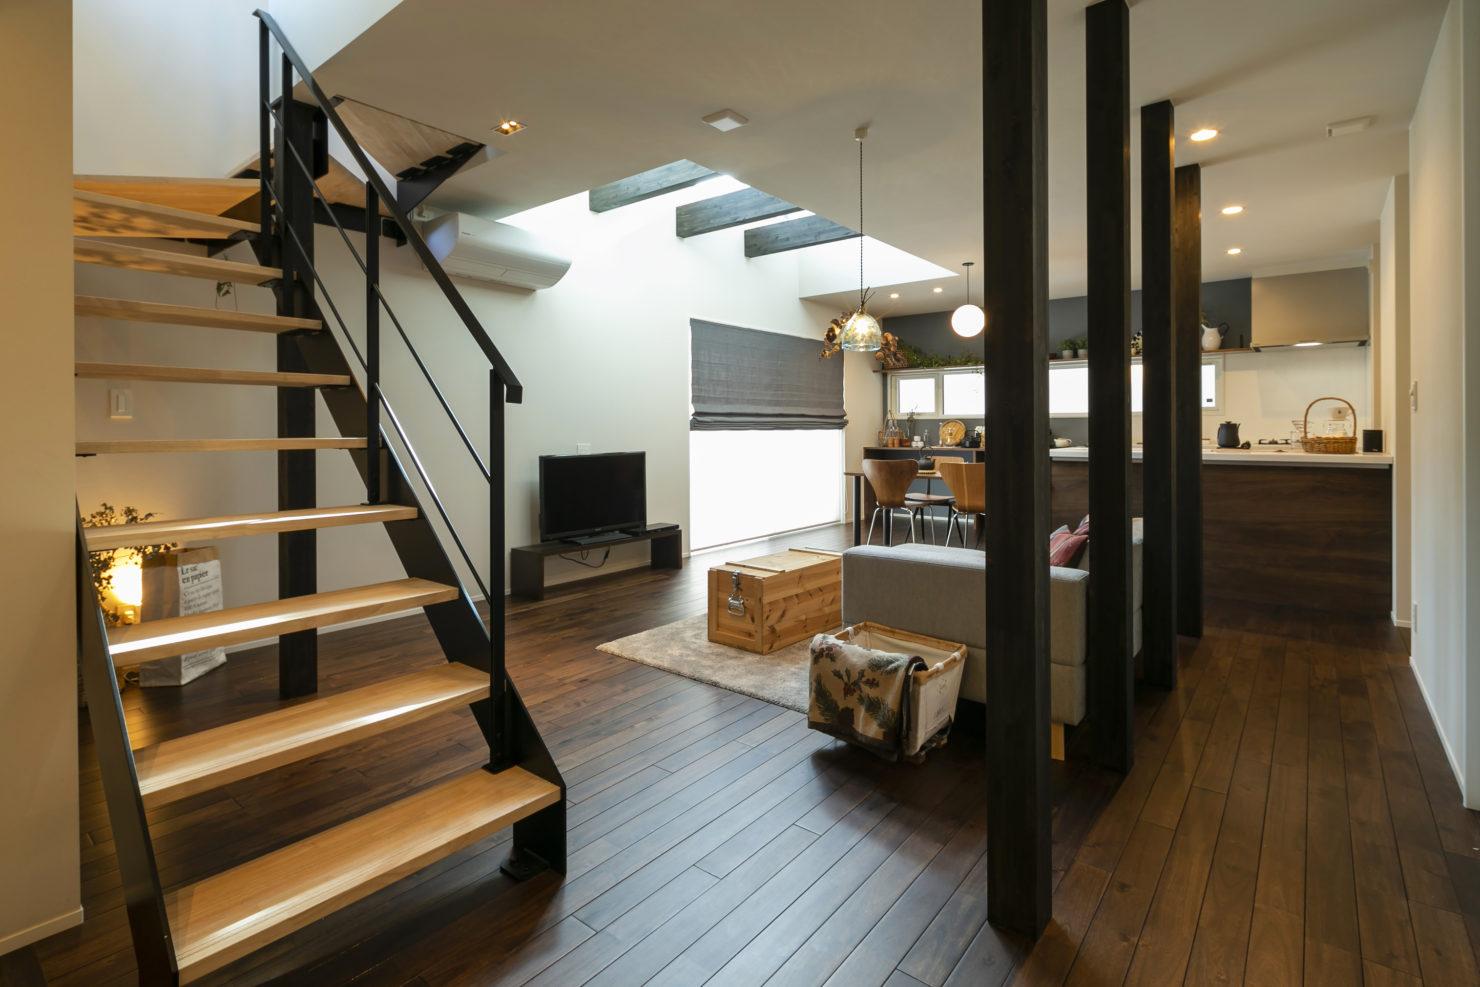 ハウスM21+archi「周囲と調和する個性的な住まい」リビング写真